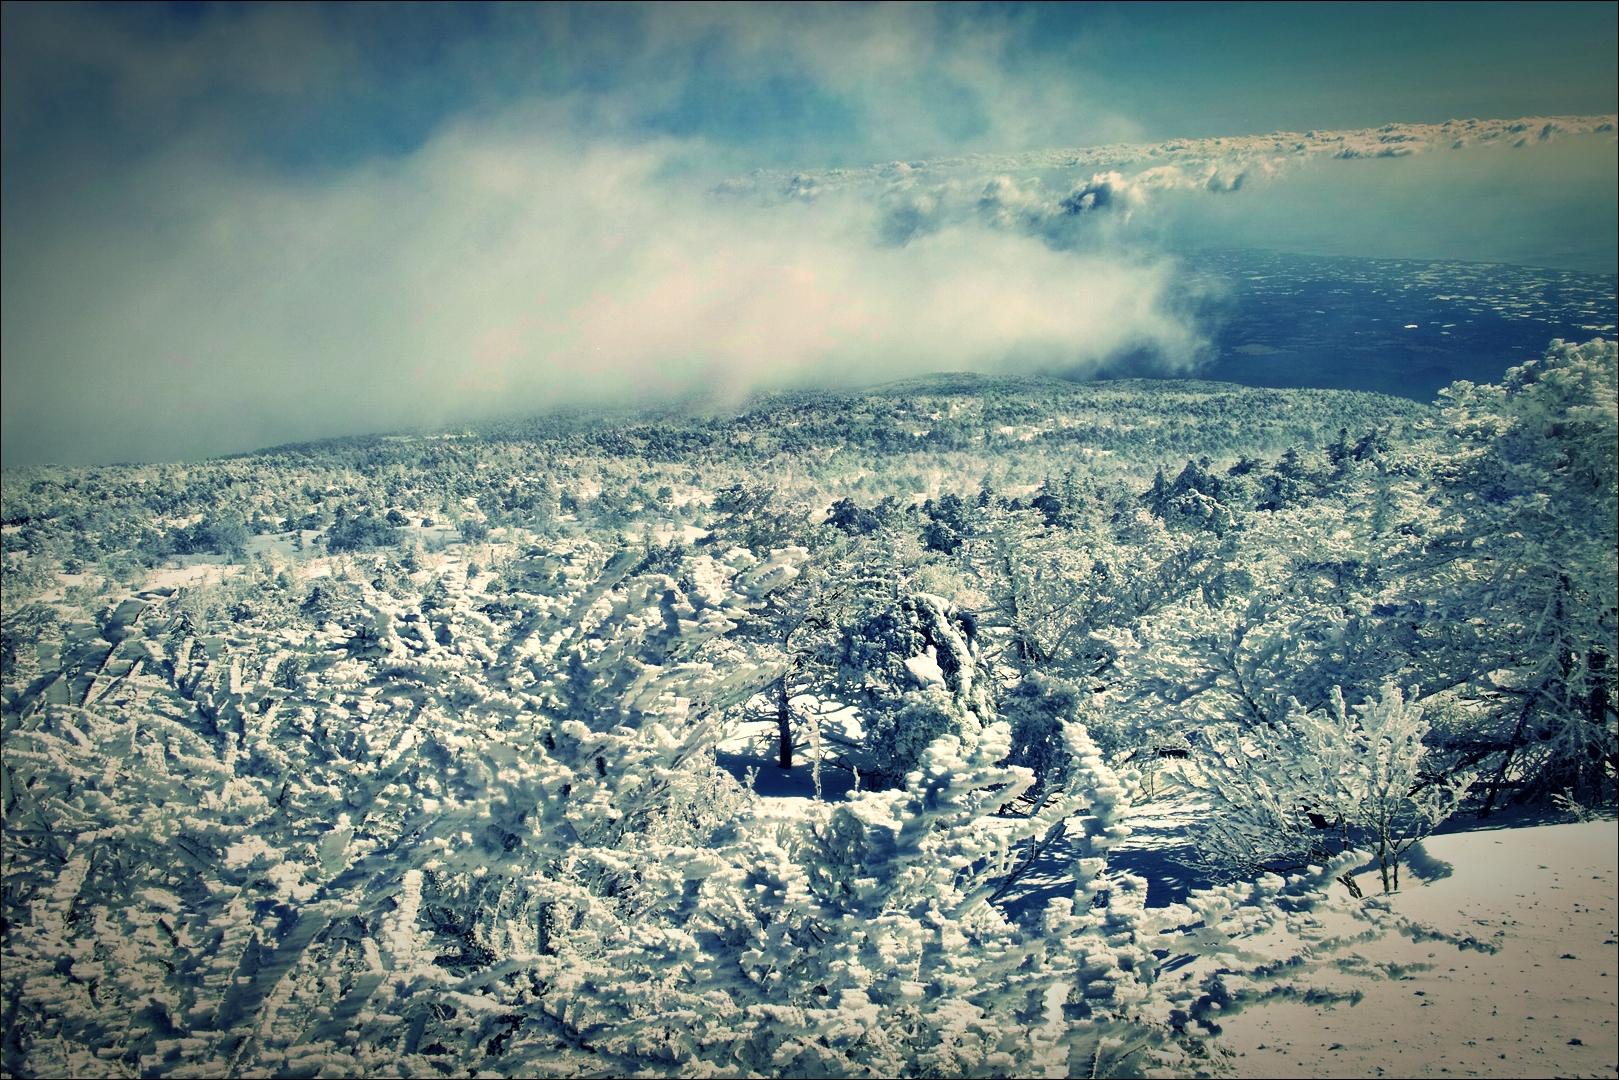 눈보라-'한라산 성판악 - 백록담 겨울 산행.'